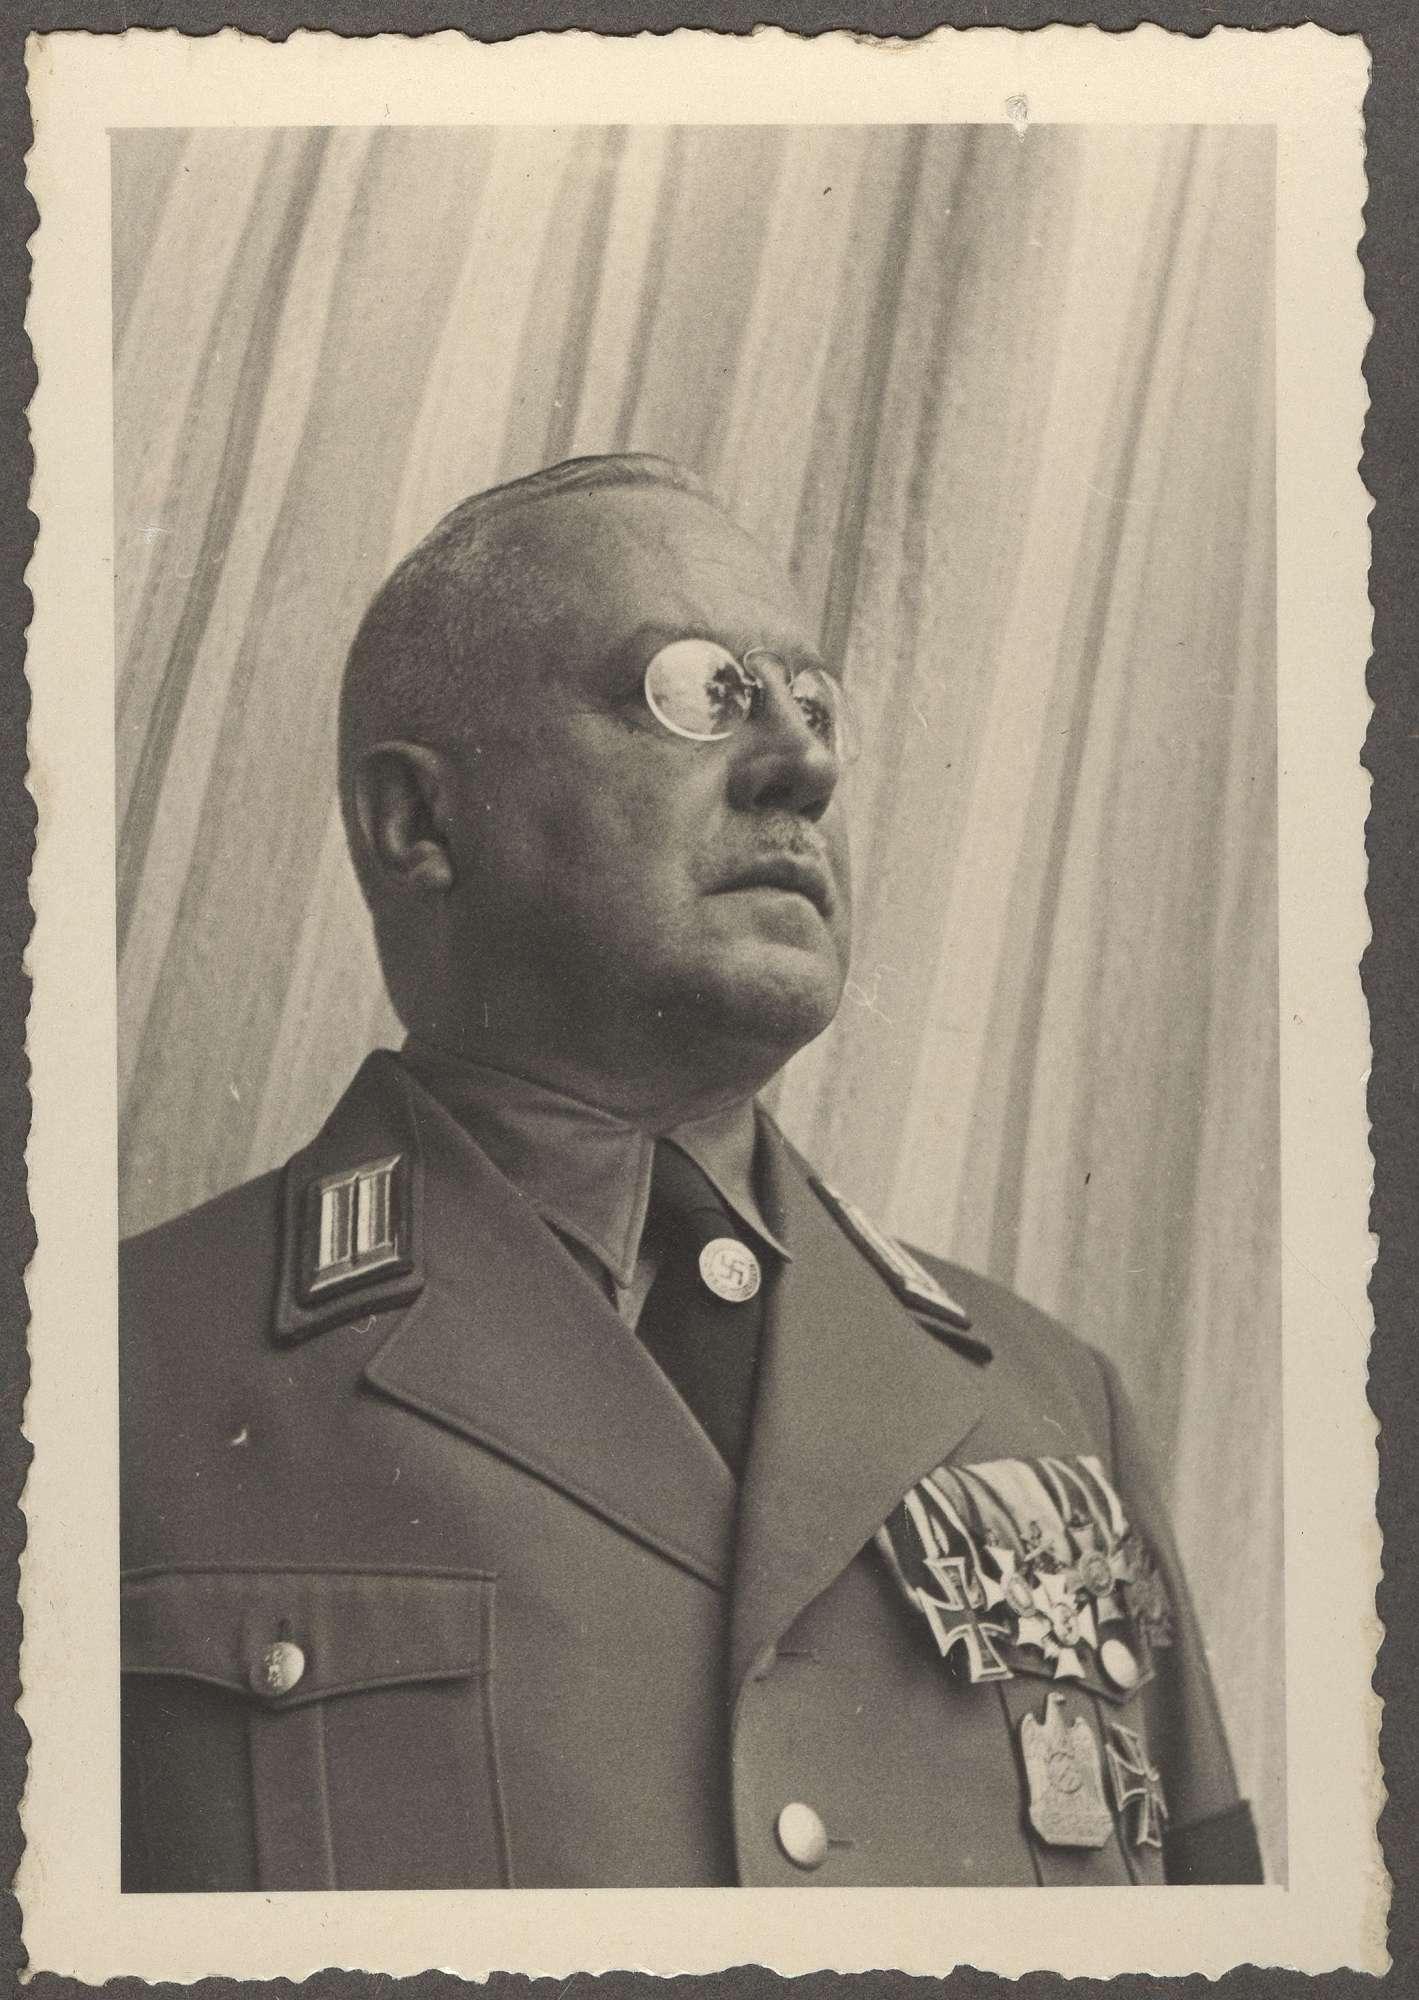 Koetzle, Hermann, Bild 3